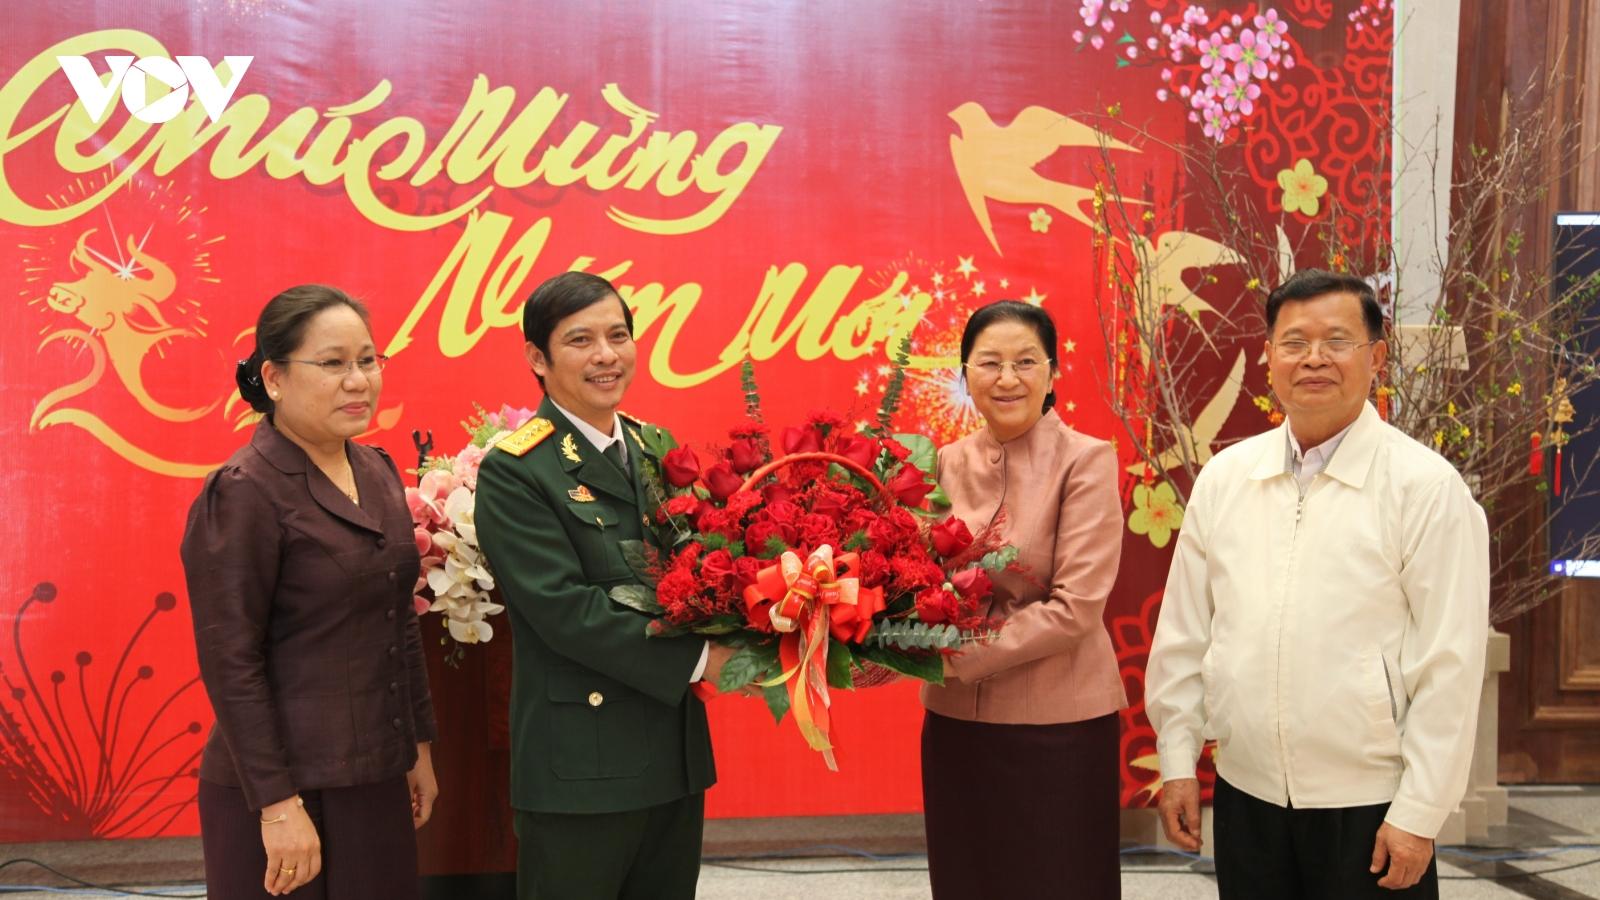 Lãnh đạo Quốc hội Lào chúc Tết Binh đoàn 11 thi công xây dựng Nhà Quốc hội Lào